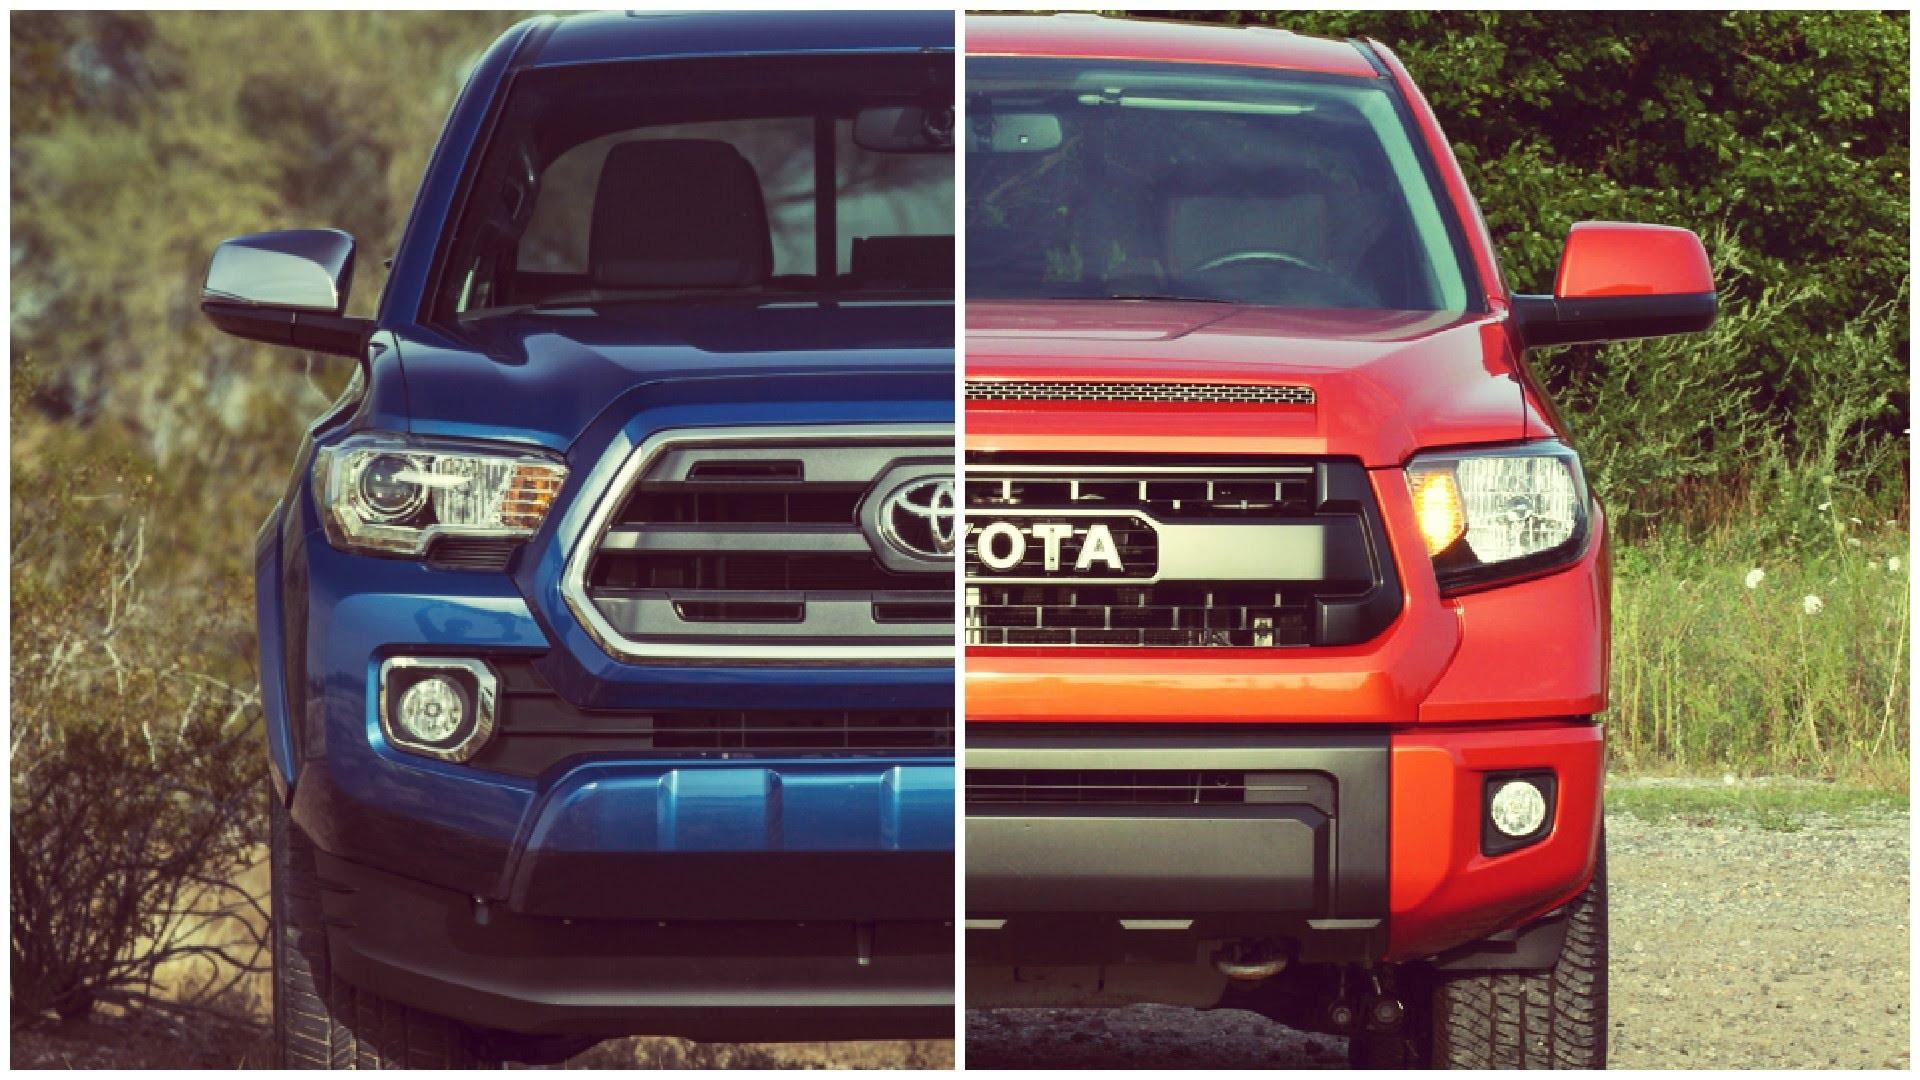 Toyota Tacoma Vs Tundra Elegant ta a vs tundra 2019 2020 new car specs